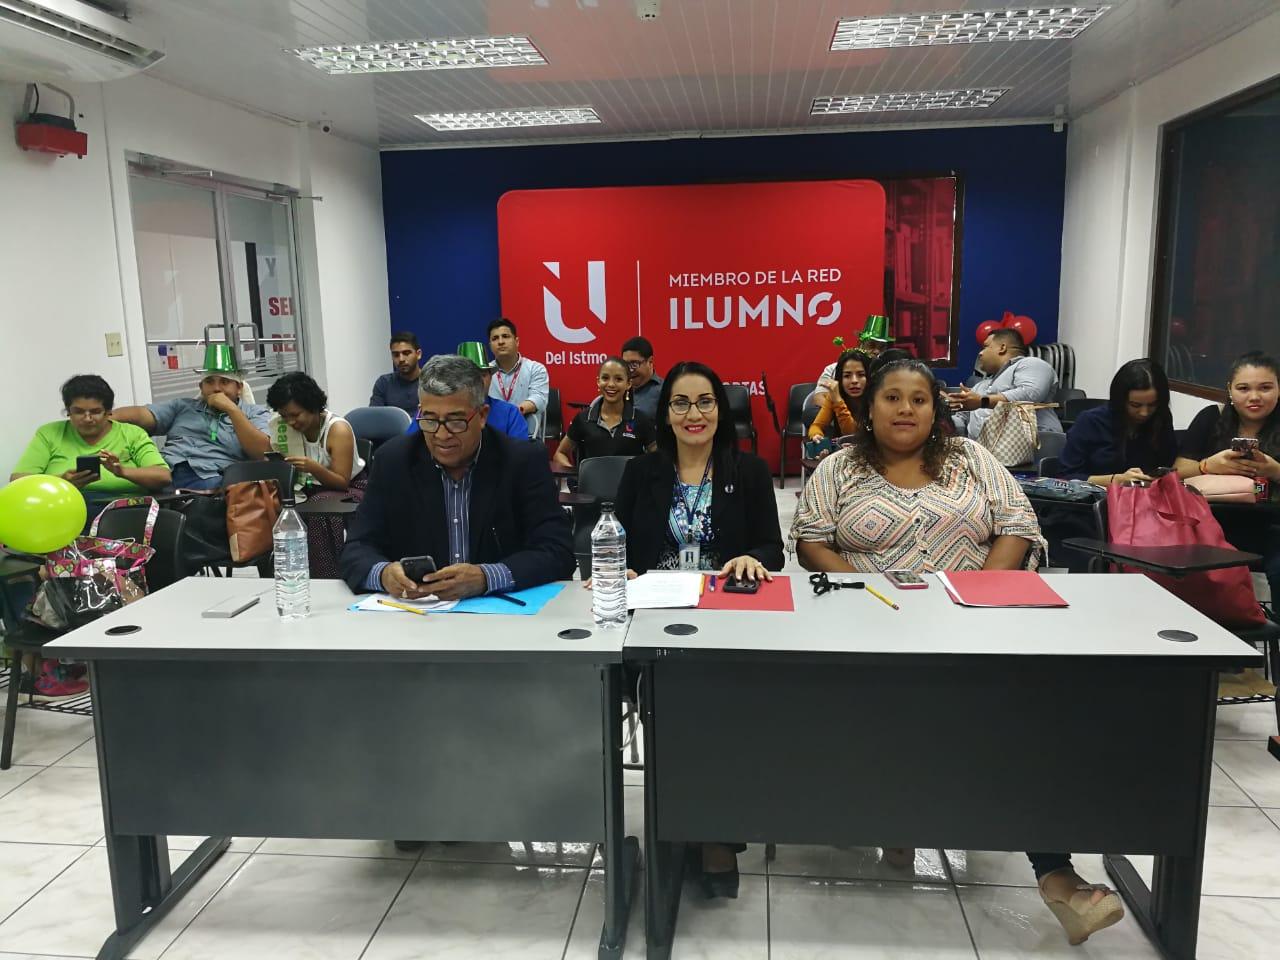 Secretaría Provincial de Veraguas nos representó como jurado en torneo de debate universitario